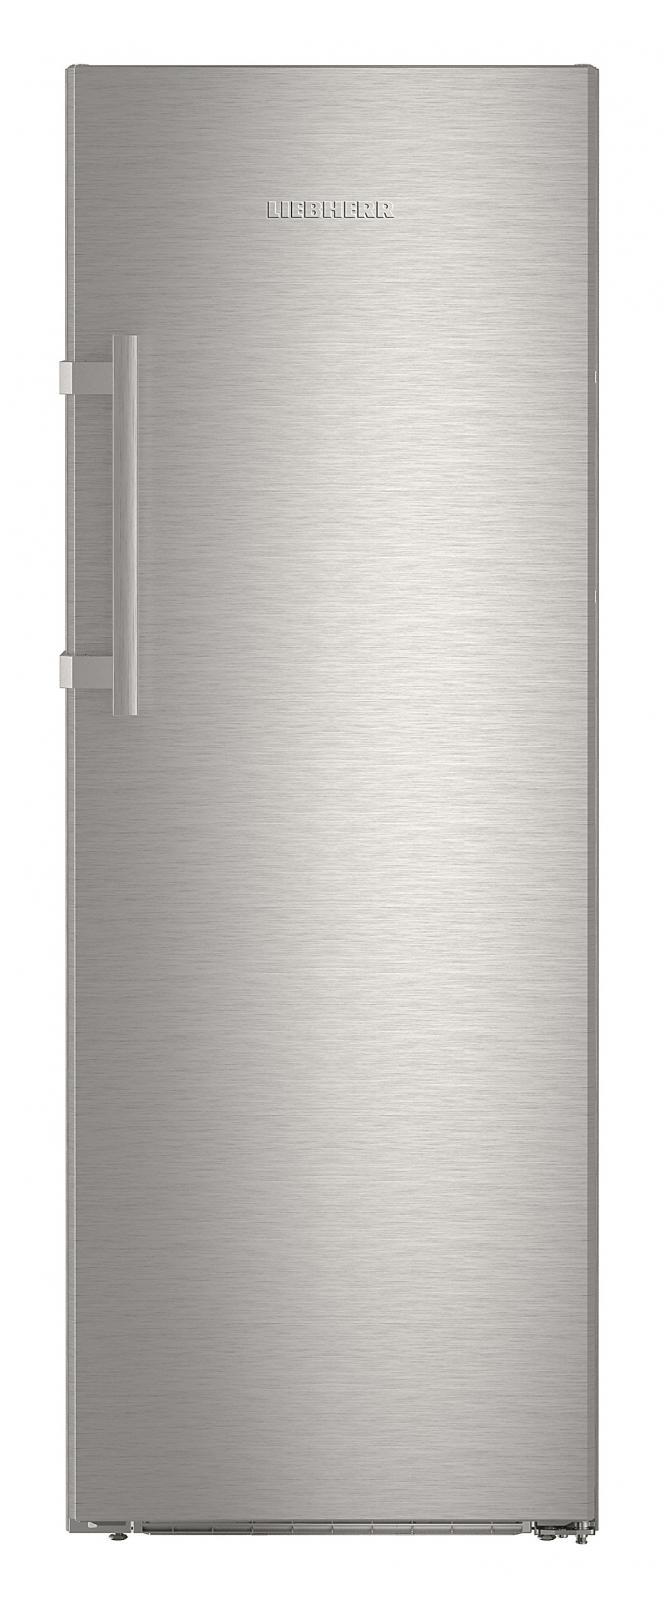 купить Однокамерный холодильник Liebherr KBes 3750 Украина фото 1